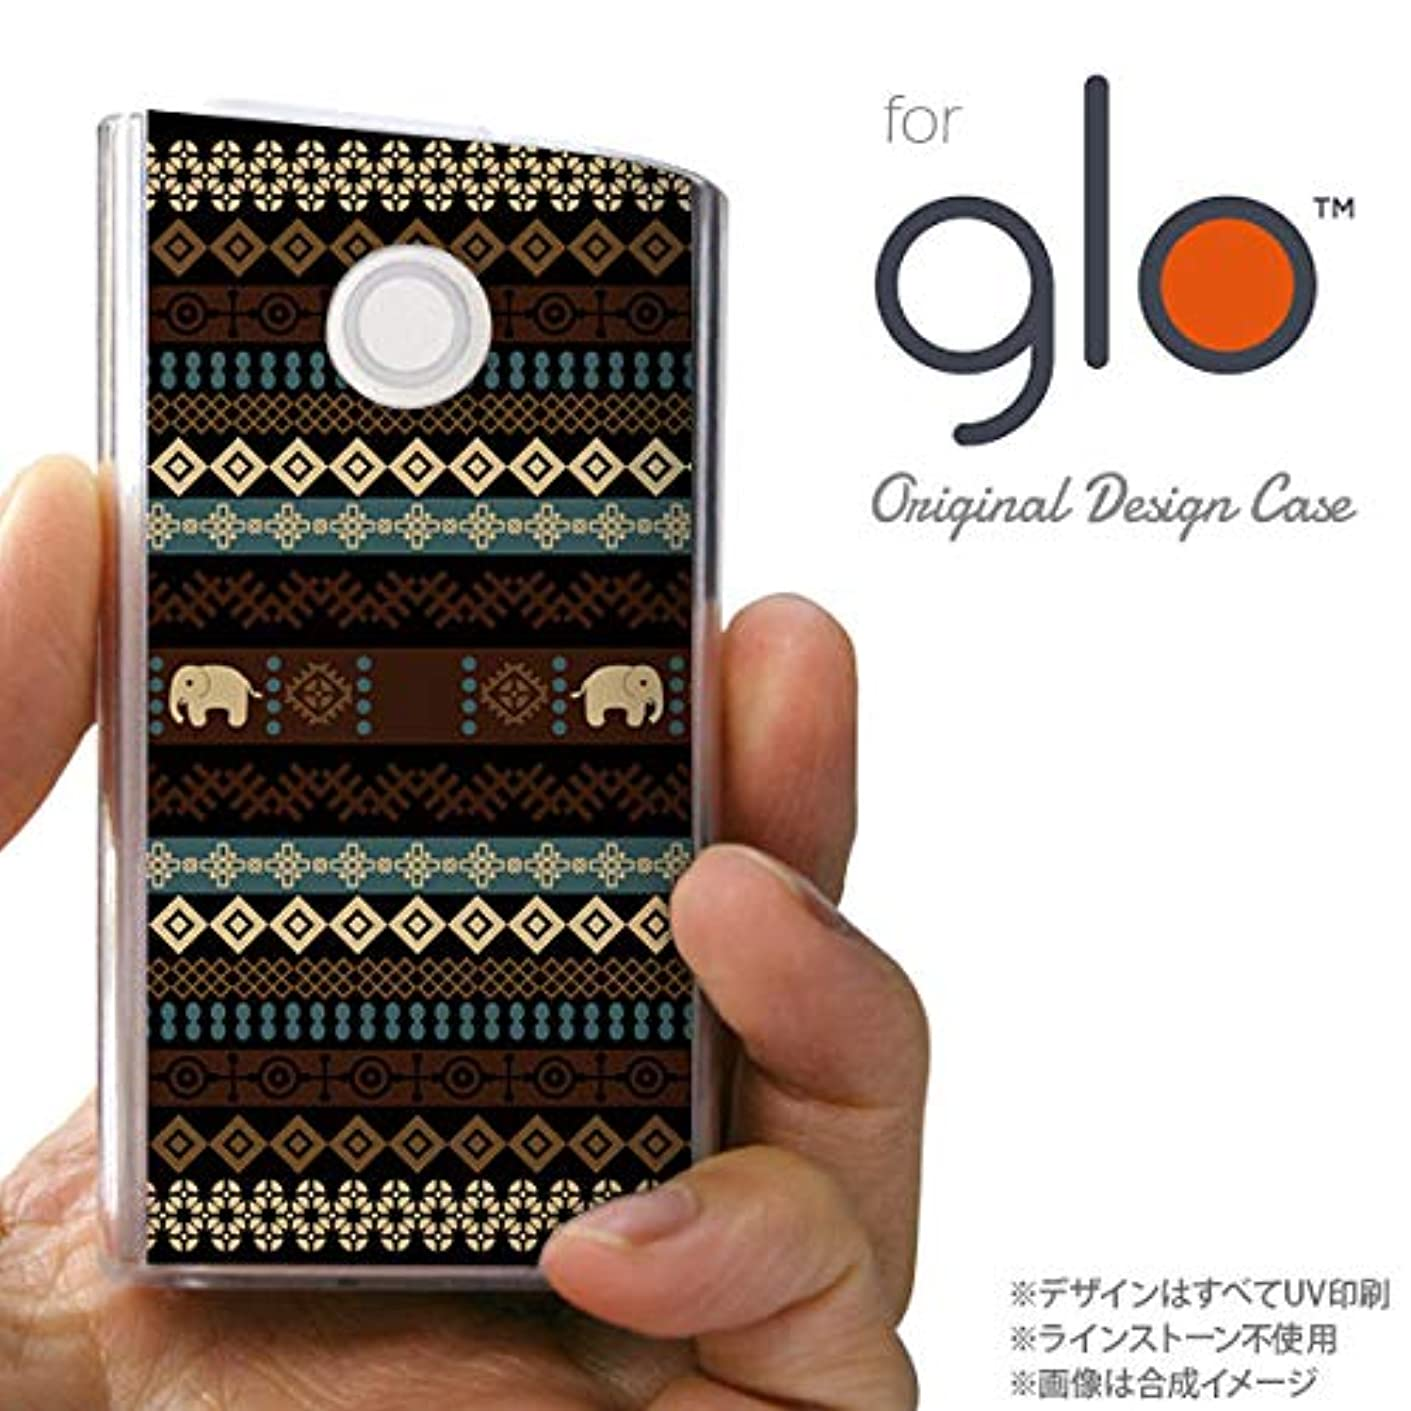 トロピカルご飯glo グローケース カバー グロー エスニックゾウ 黒 nk-glo-1571